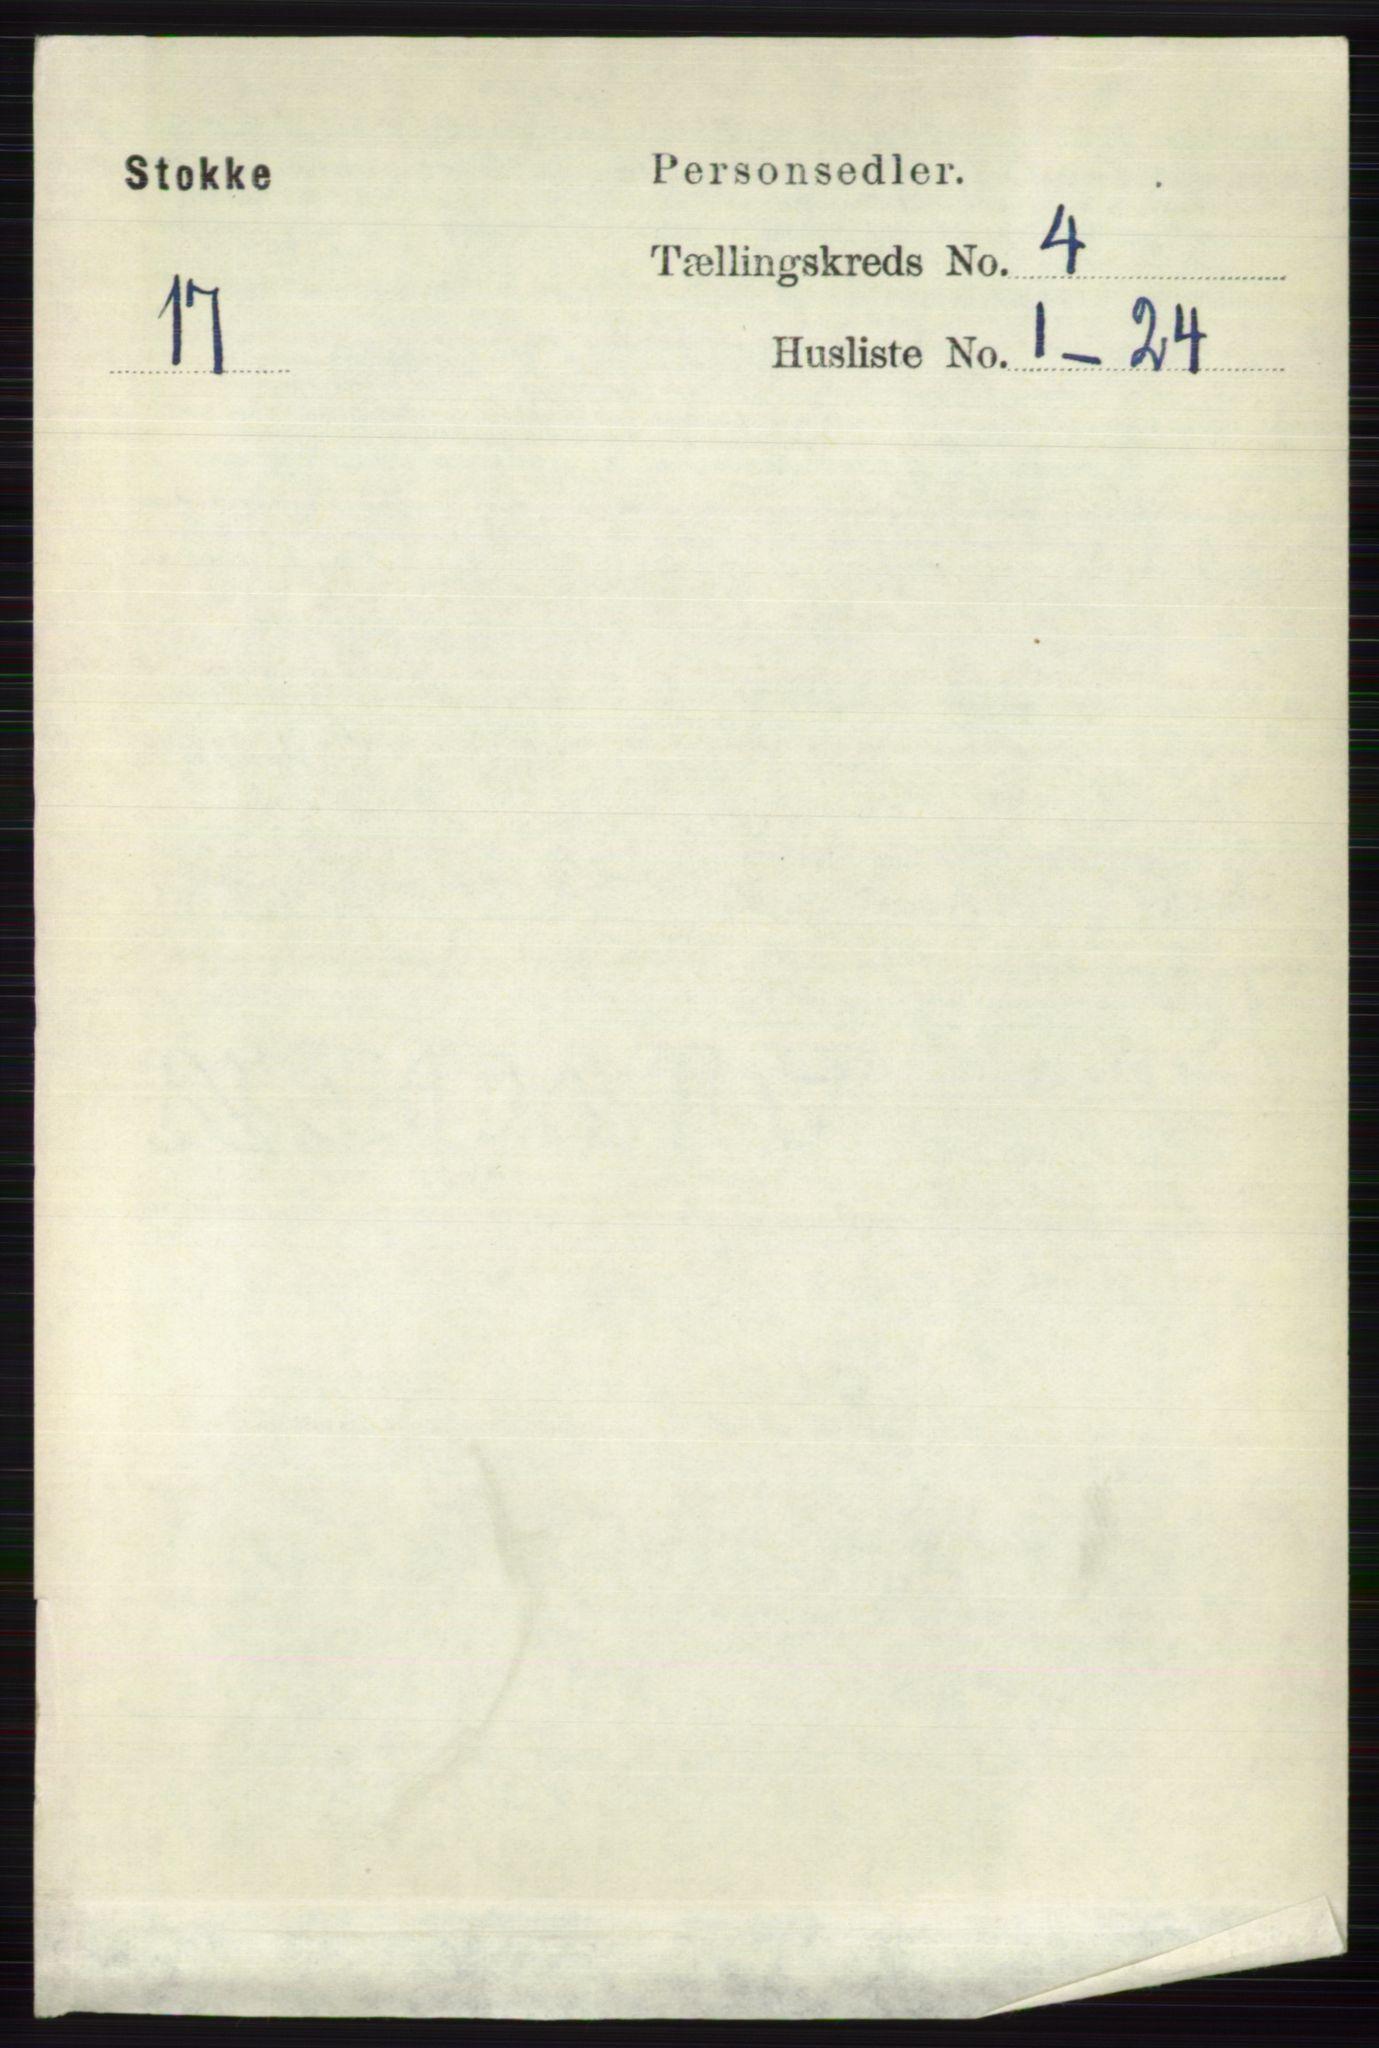 RA, Folketelling 1891 for 0720 Stokke herred, 1891, s. 2441